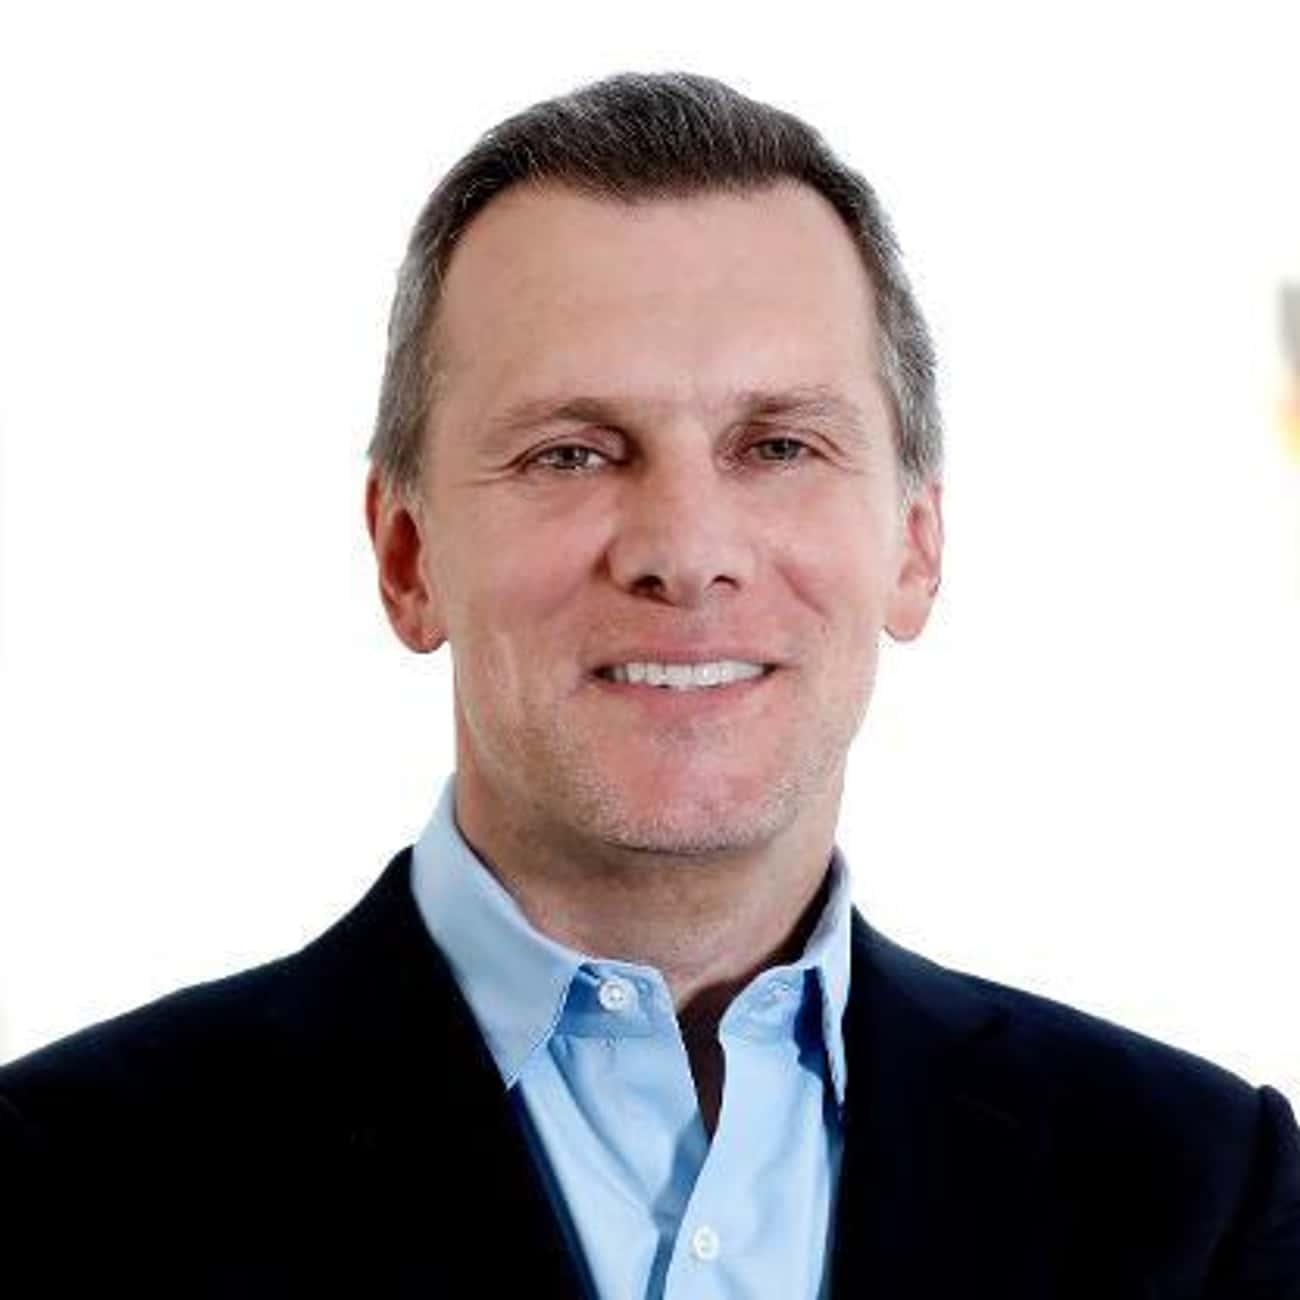 Jeff A. Schwartz